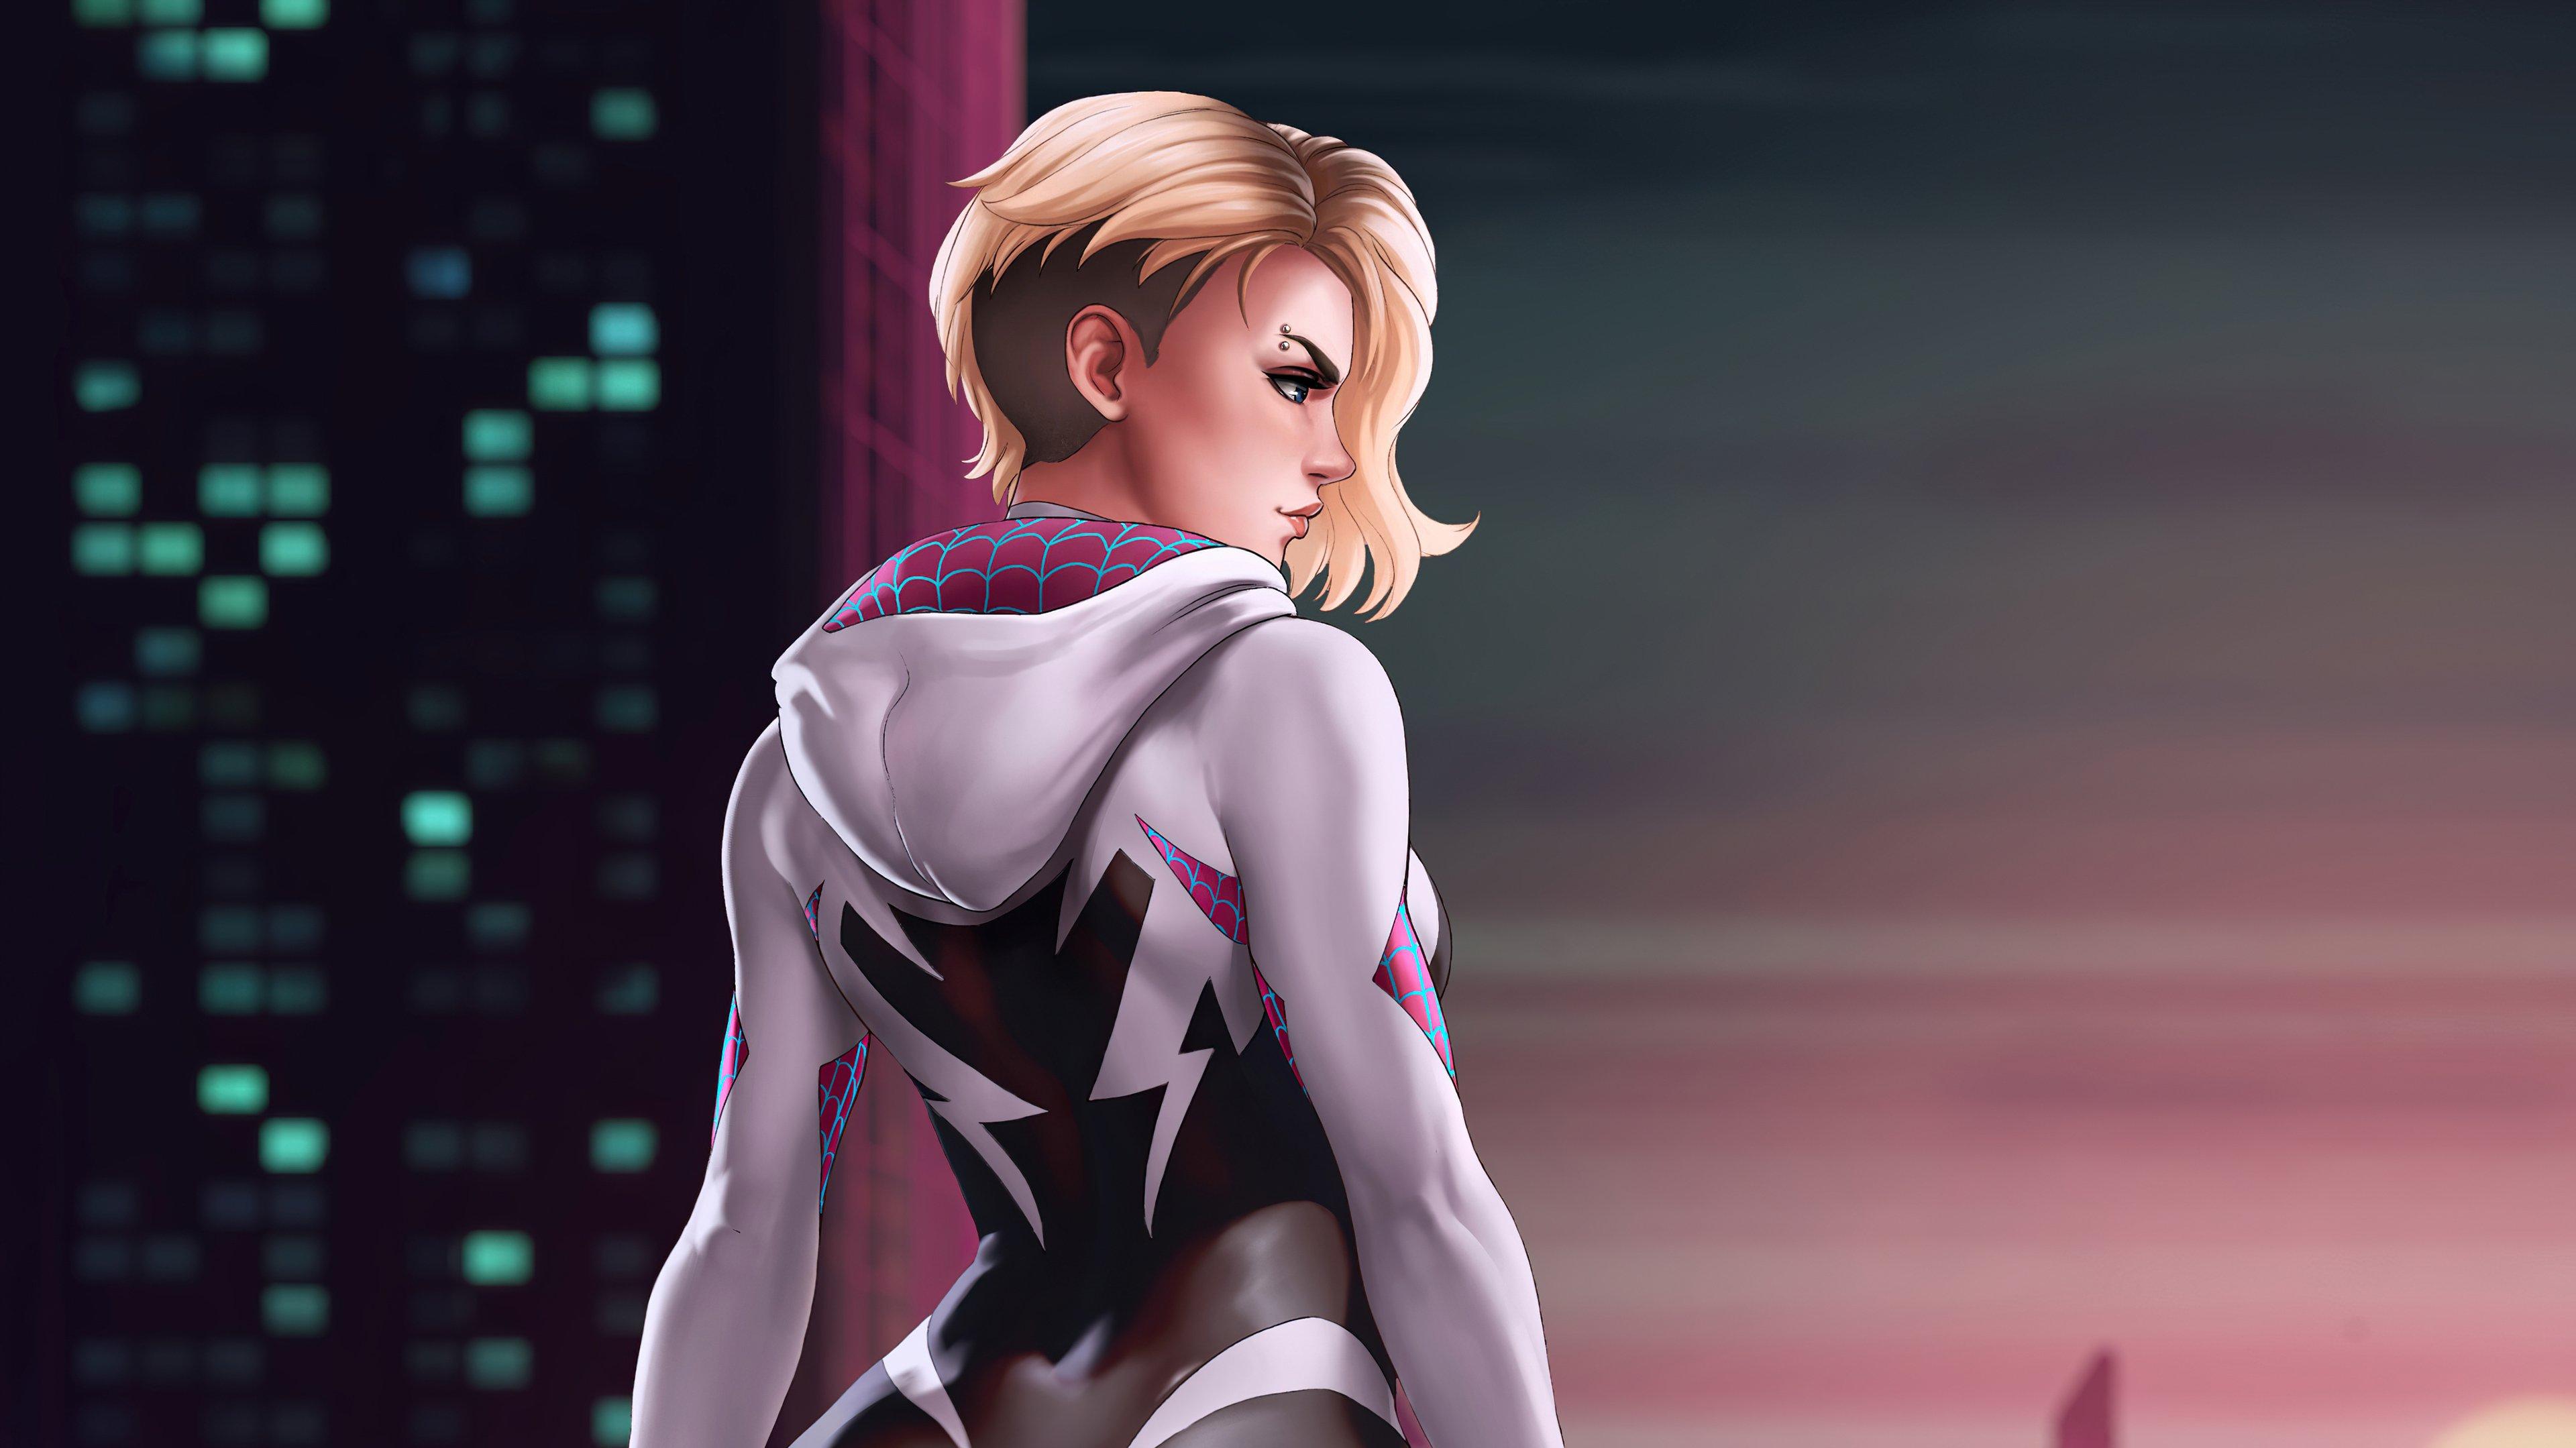 Wallpaper Spider Gwen Marvel Art